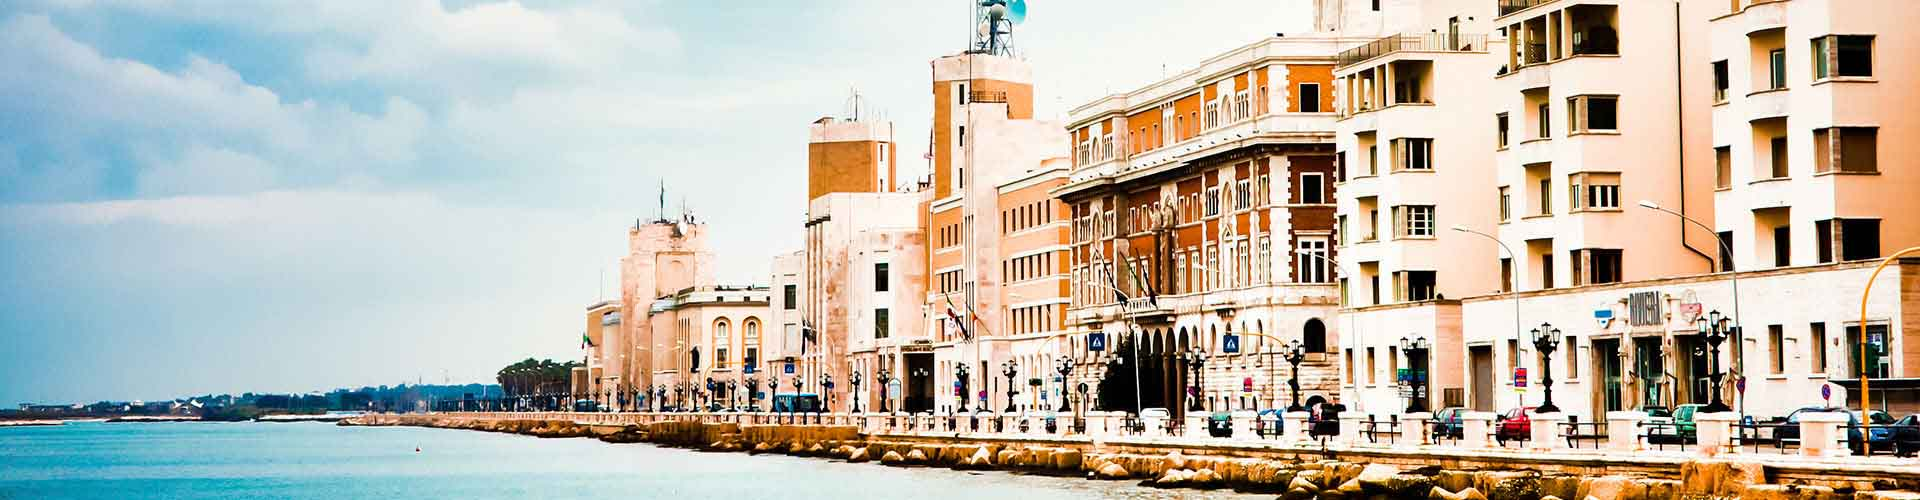 Bari - Chambres à Bari. Cartes pour Bari, photos et commentaires pour chaque chambre à Bari.